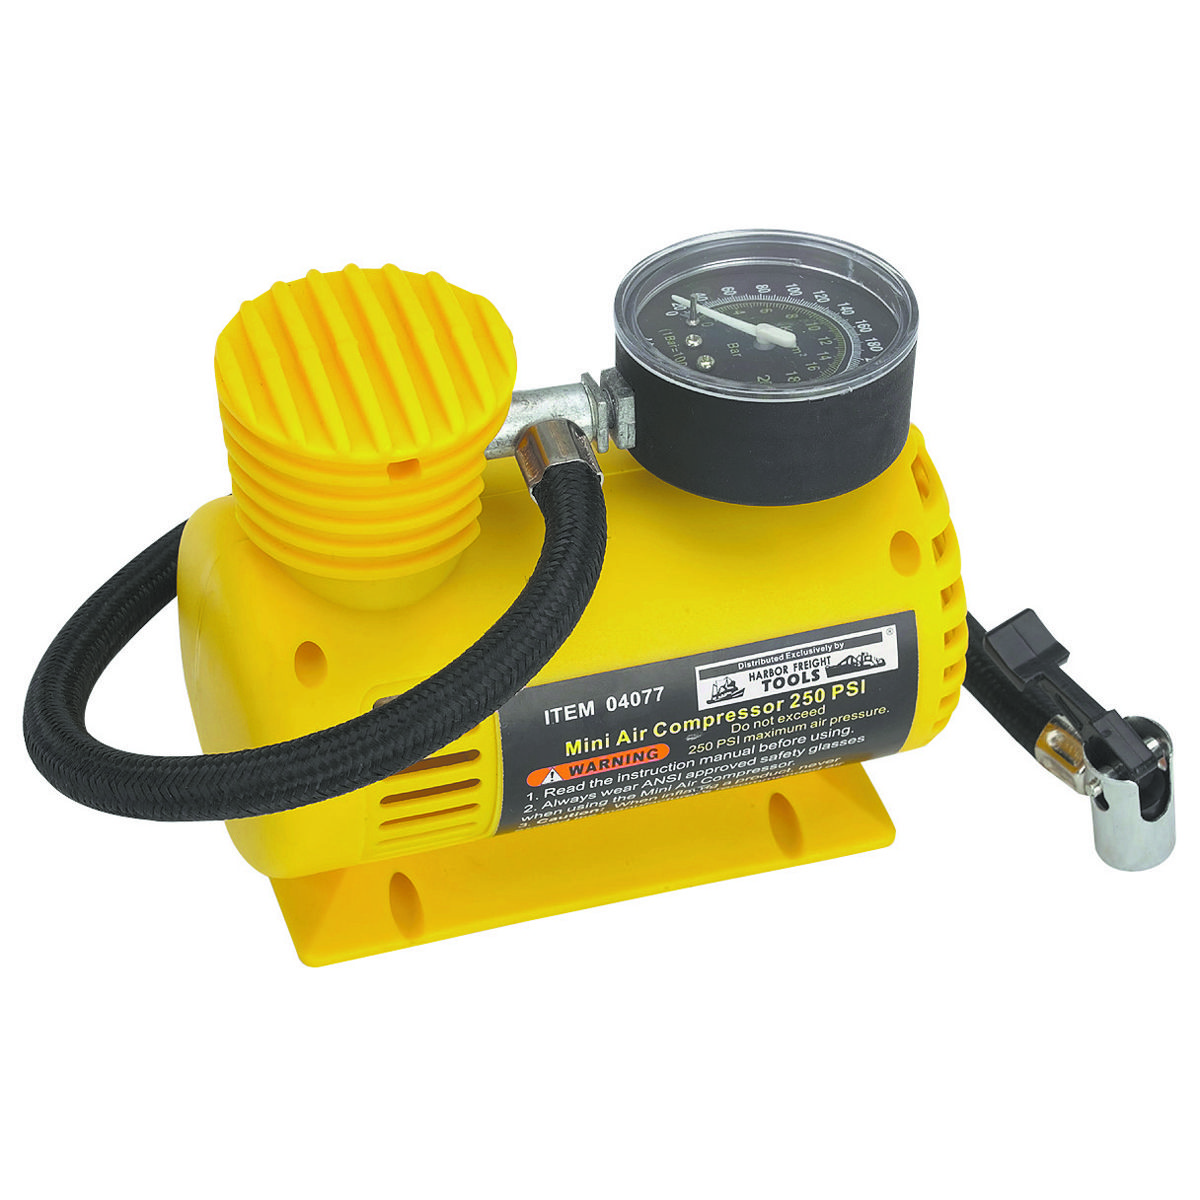 medium resolution of 12 volt 250 psi compact air compressor